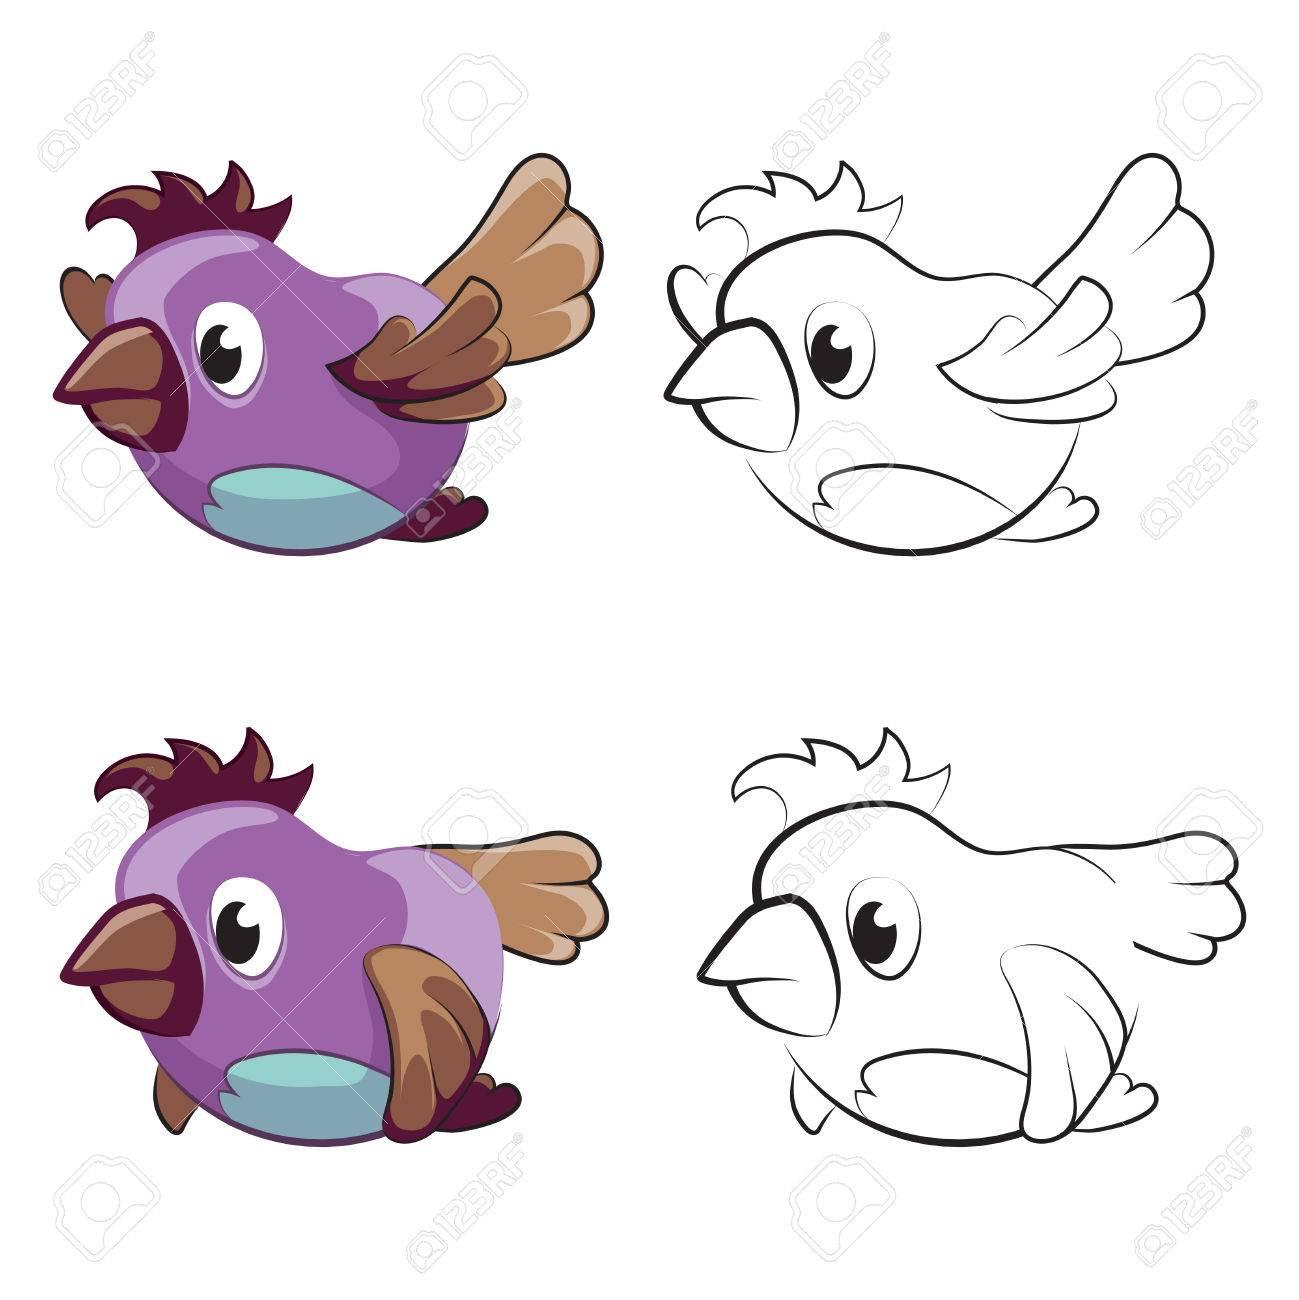 Coloriage Pour Enfants Avec Des Oiseaux De Dessin Animé Oiseaux Qui Volent Pour La Coloration Oiseaux De Croquis Colorés Illustration Vectorielle